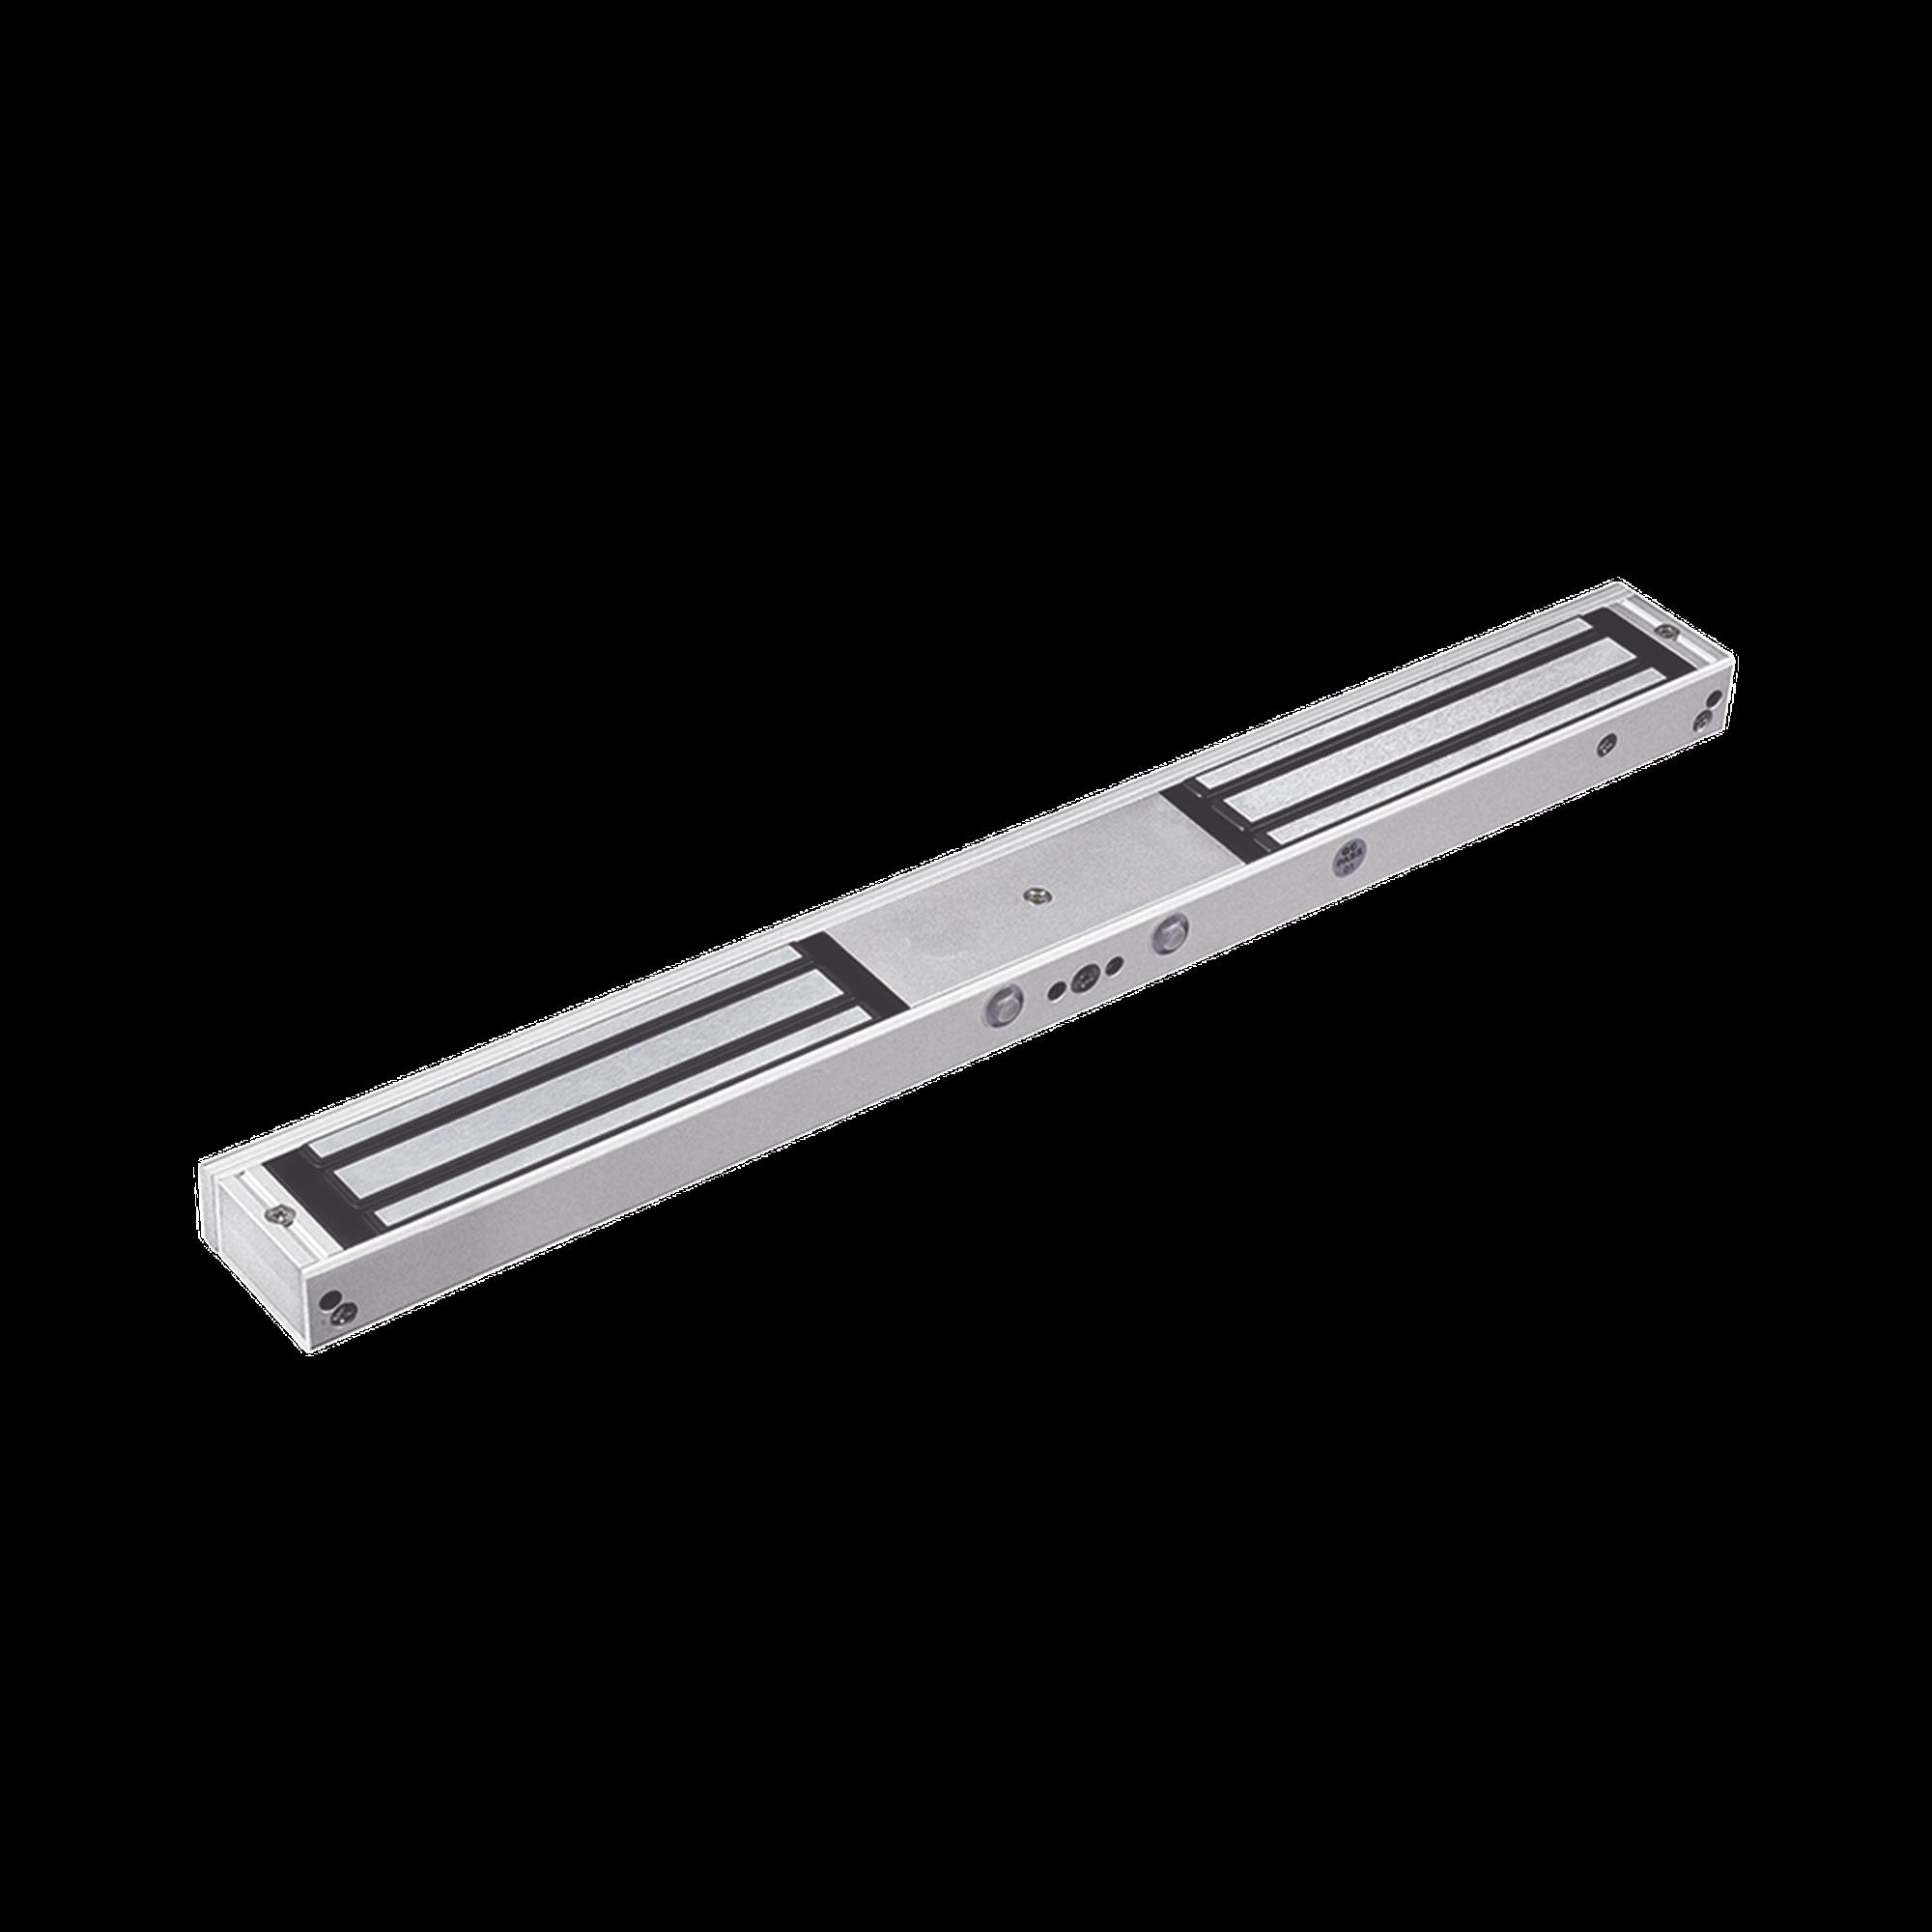 Chapa Magnética Doble para Aplicación en Puertas de Doble Hoja. 1200 lbs(x 2). LED indicador ultrabrillante